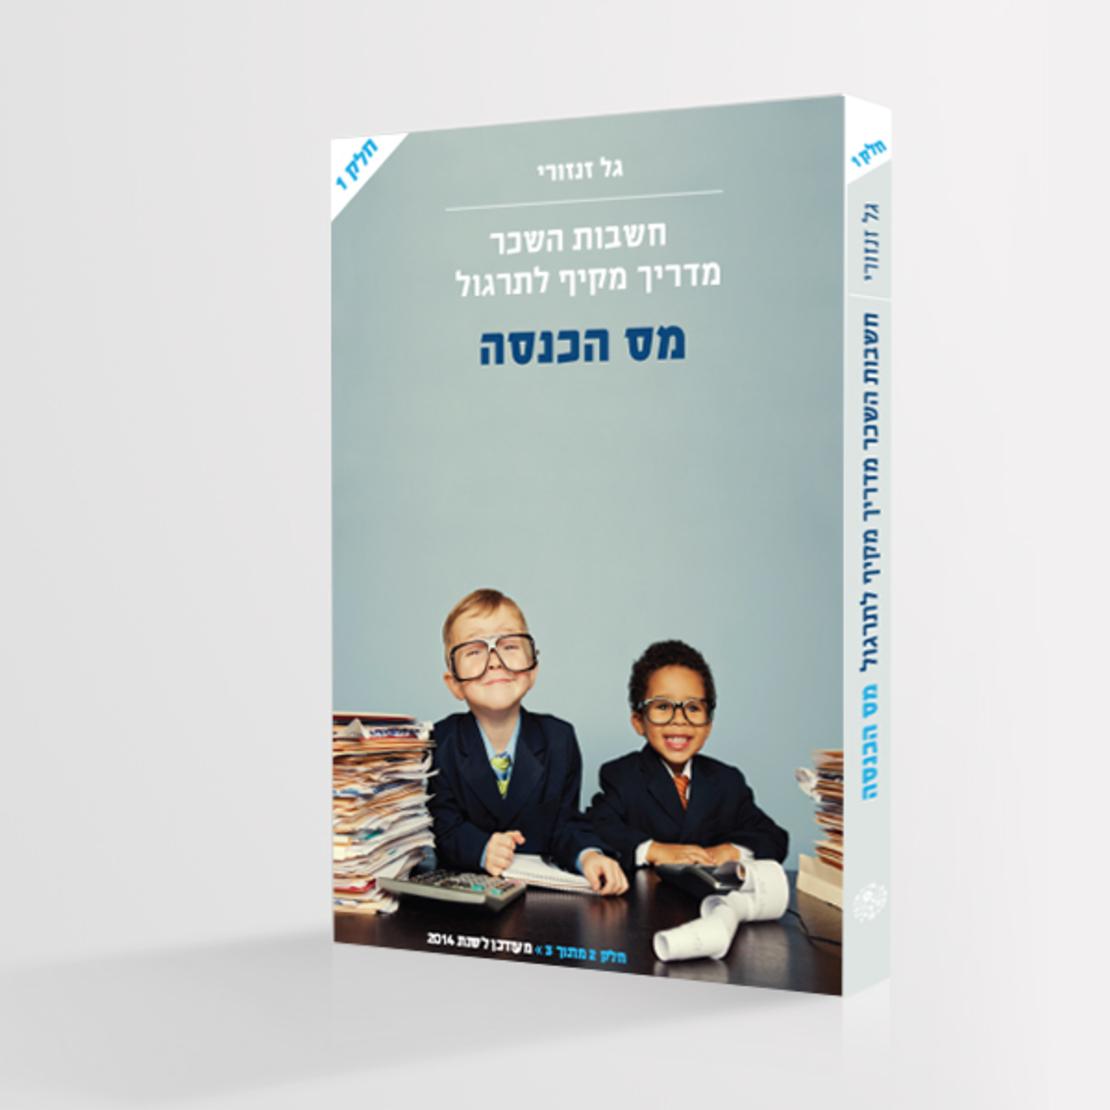 ספר לימוד ותרגול מס הכנסה